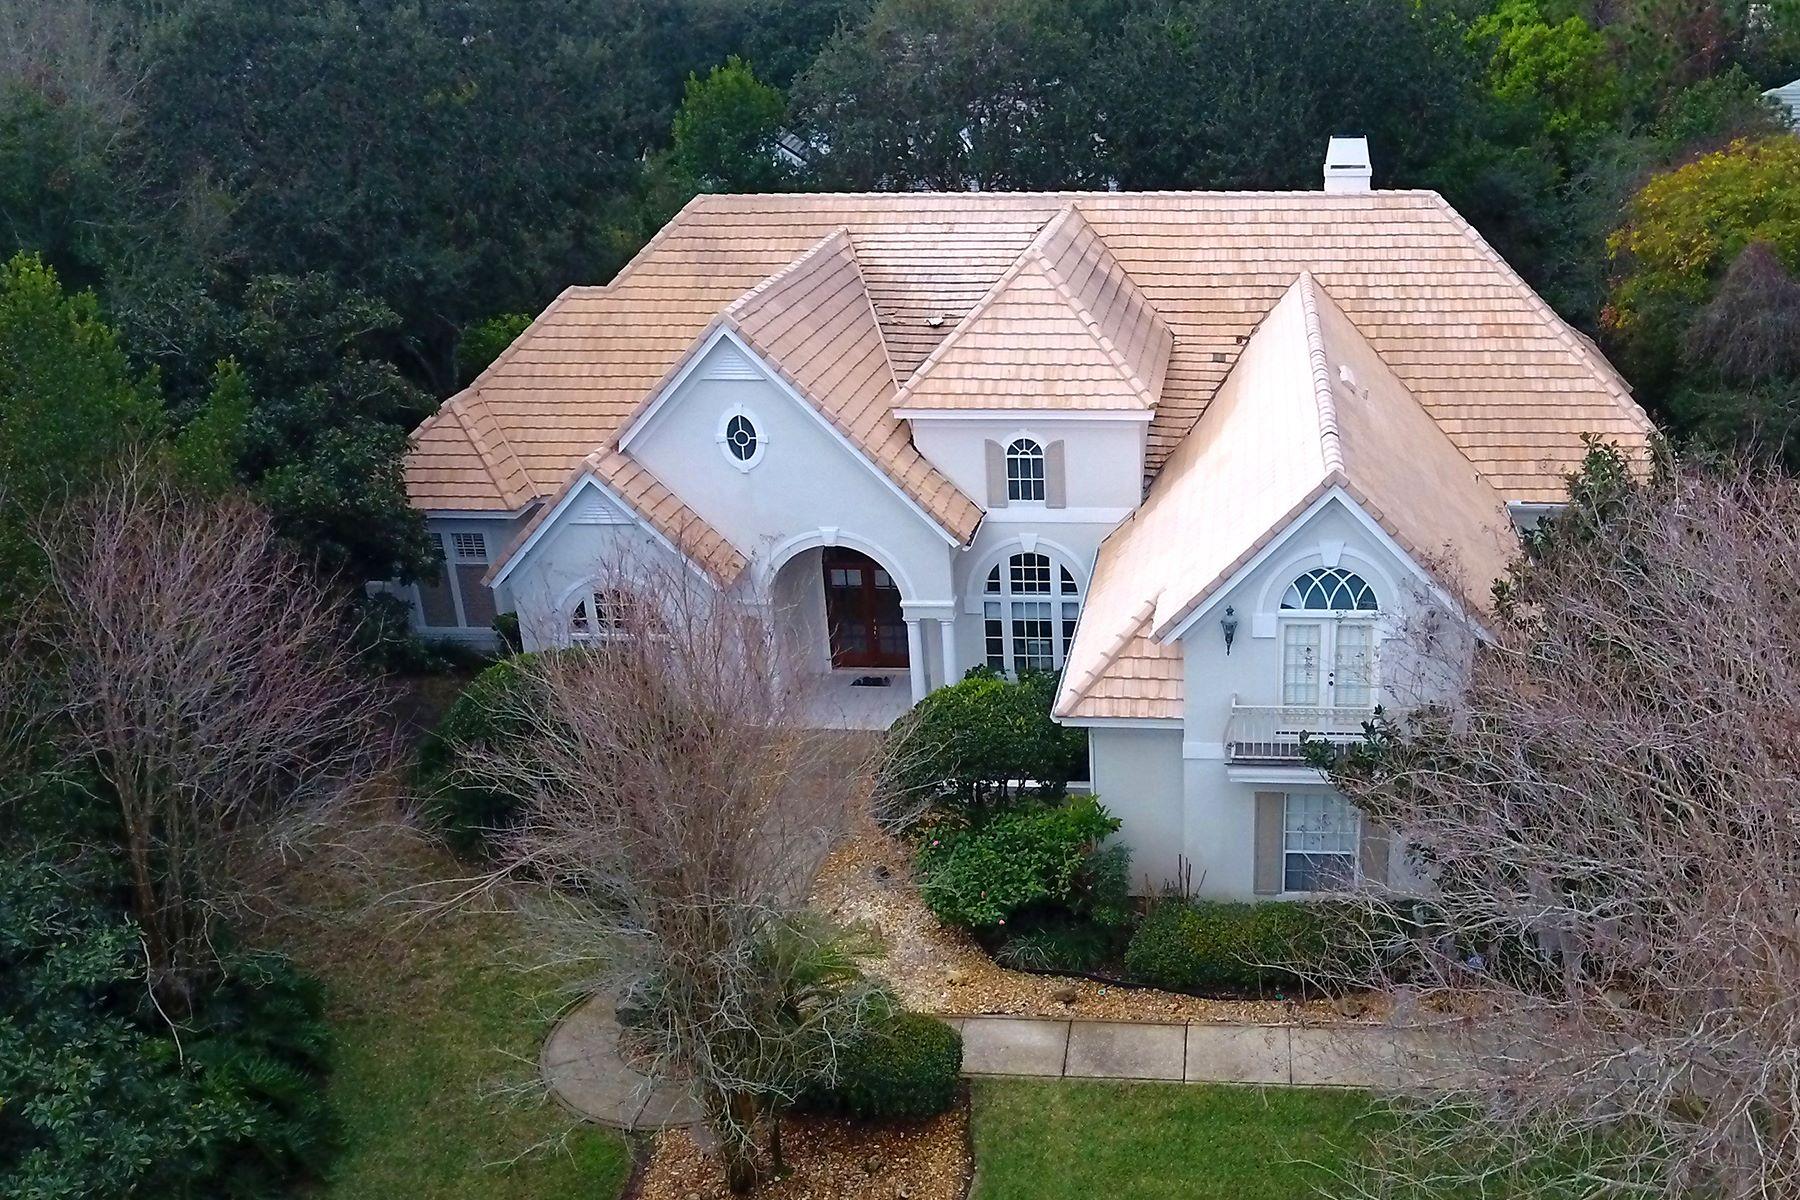 Casa Unifamiliar por un Venta en Orlando, Florida 9107 Great Heron Cir Orlando, Florida 32836 Estados Unidos